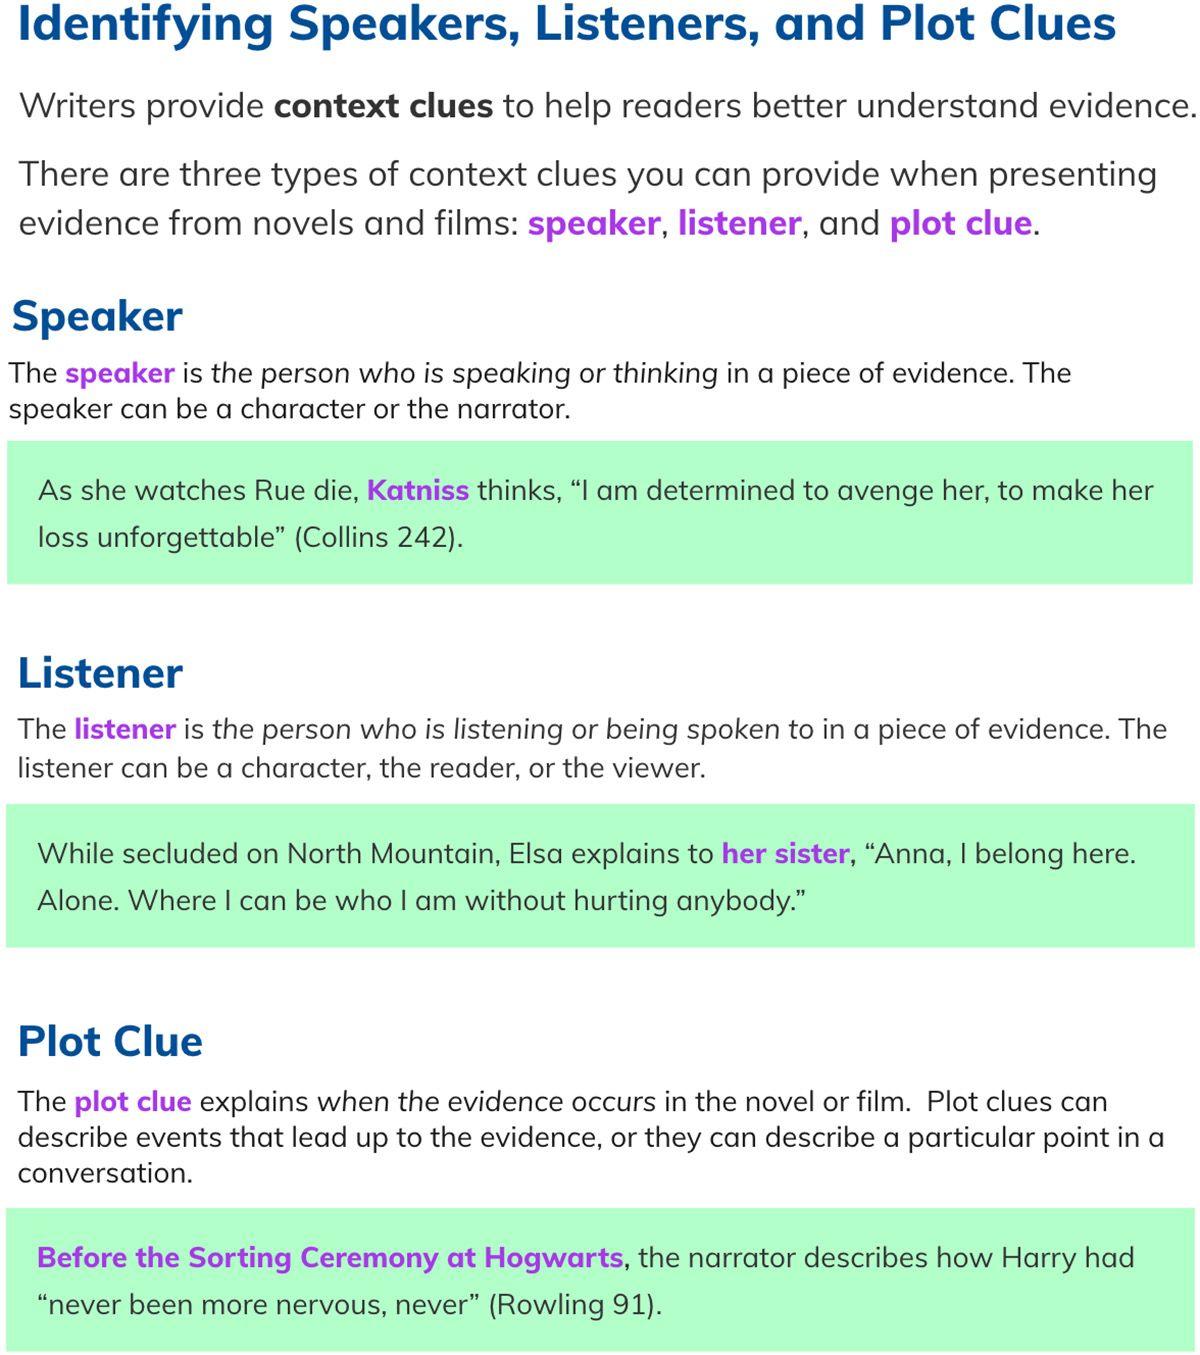 32.24.4714 1509309095 | Context clues, Context, Understanding